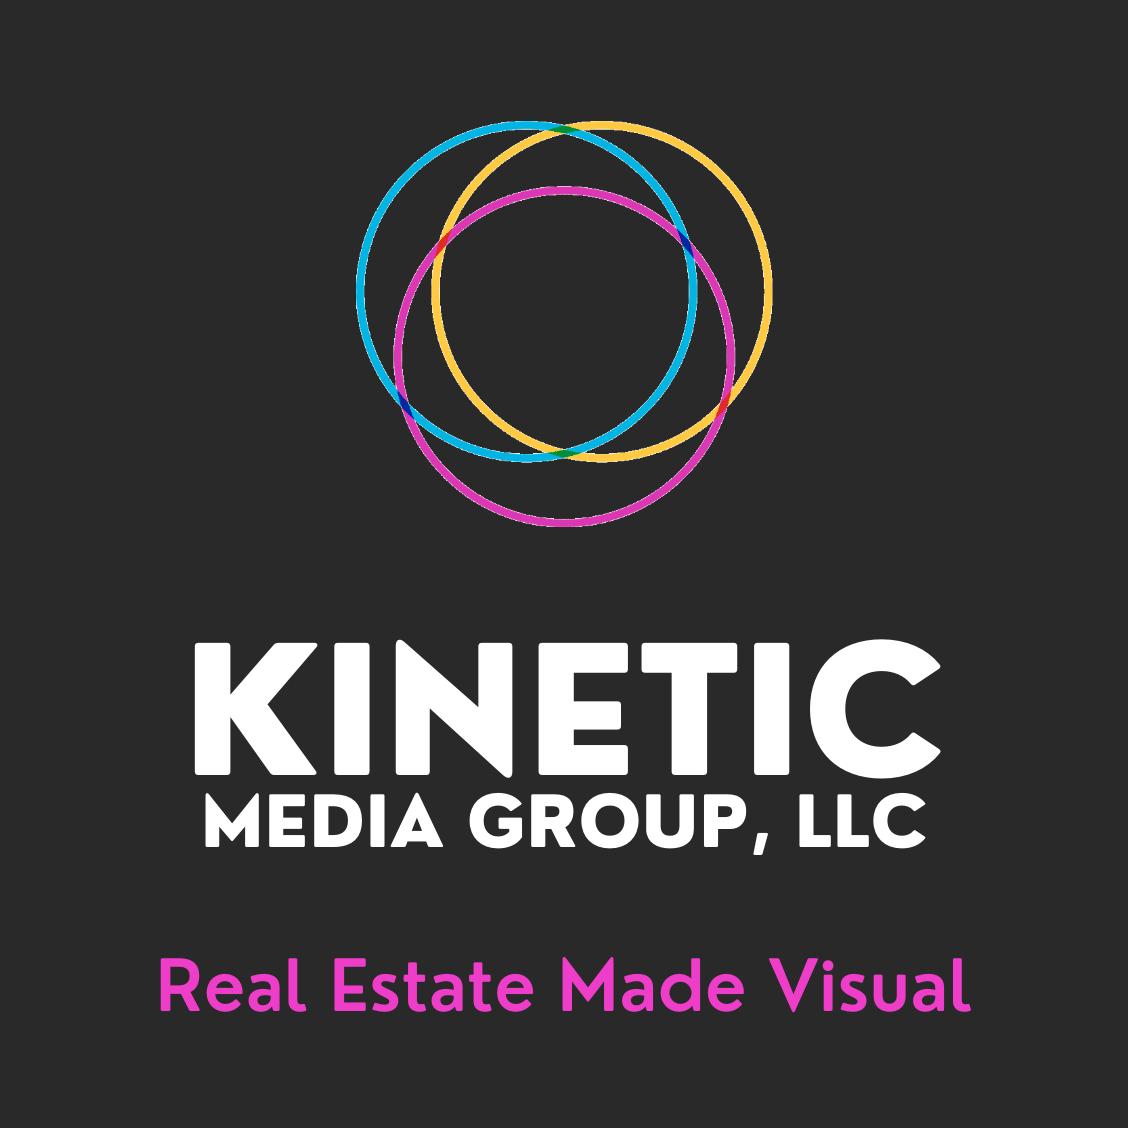 Kinetic Media Group, LLC floor plan in Boston Manchester Portsmouth